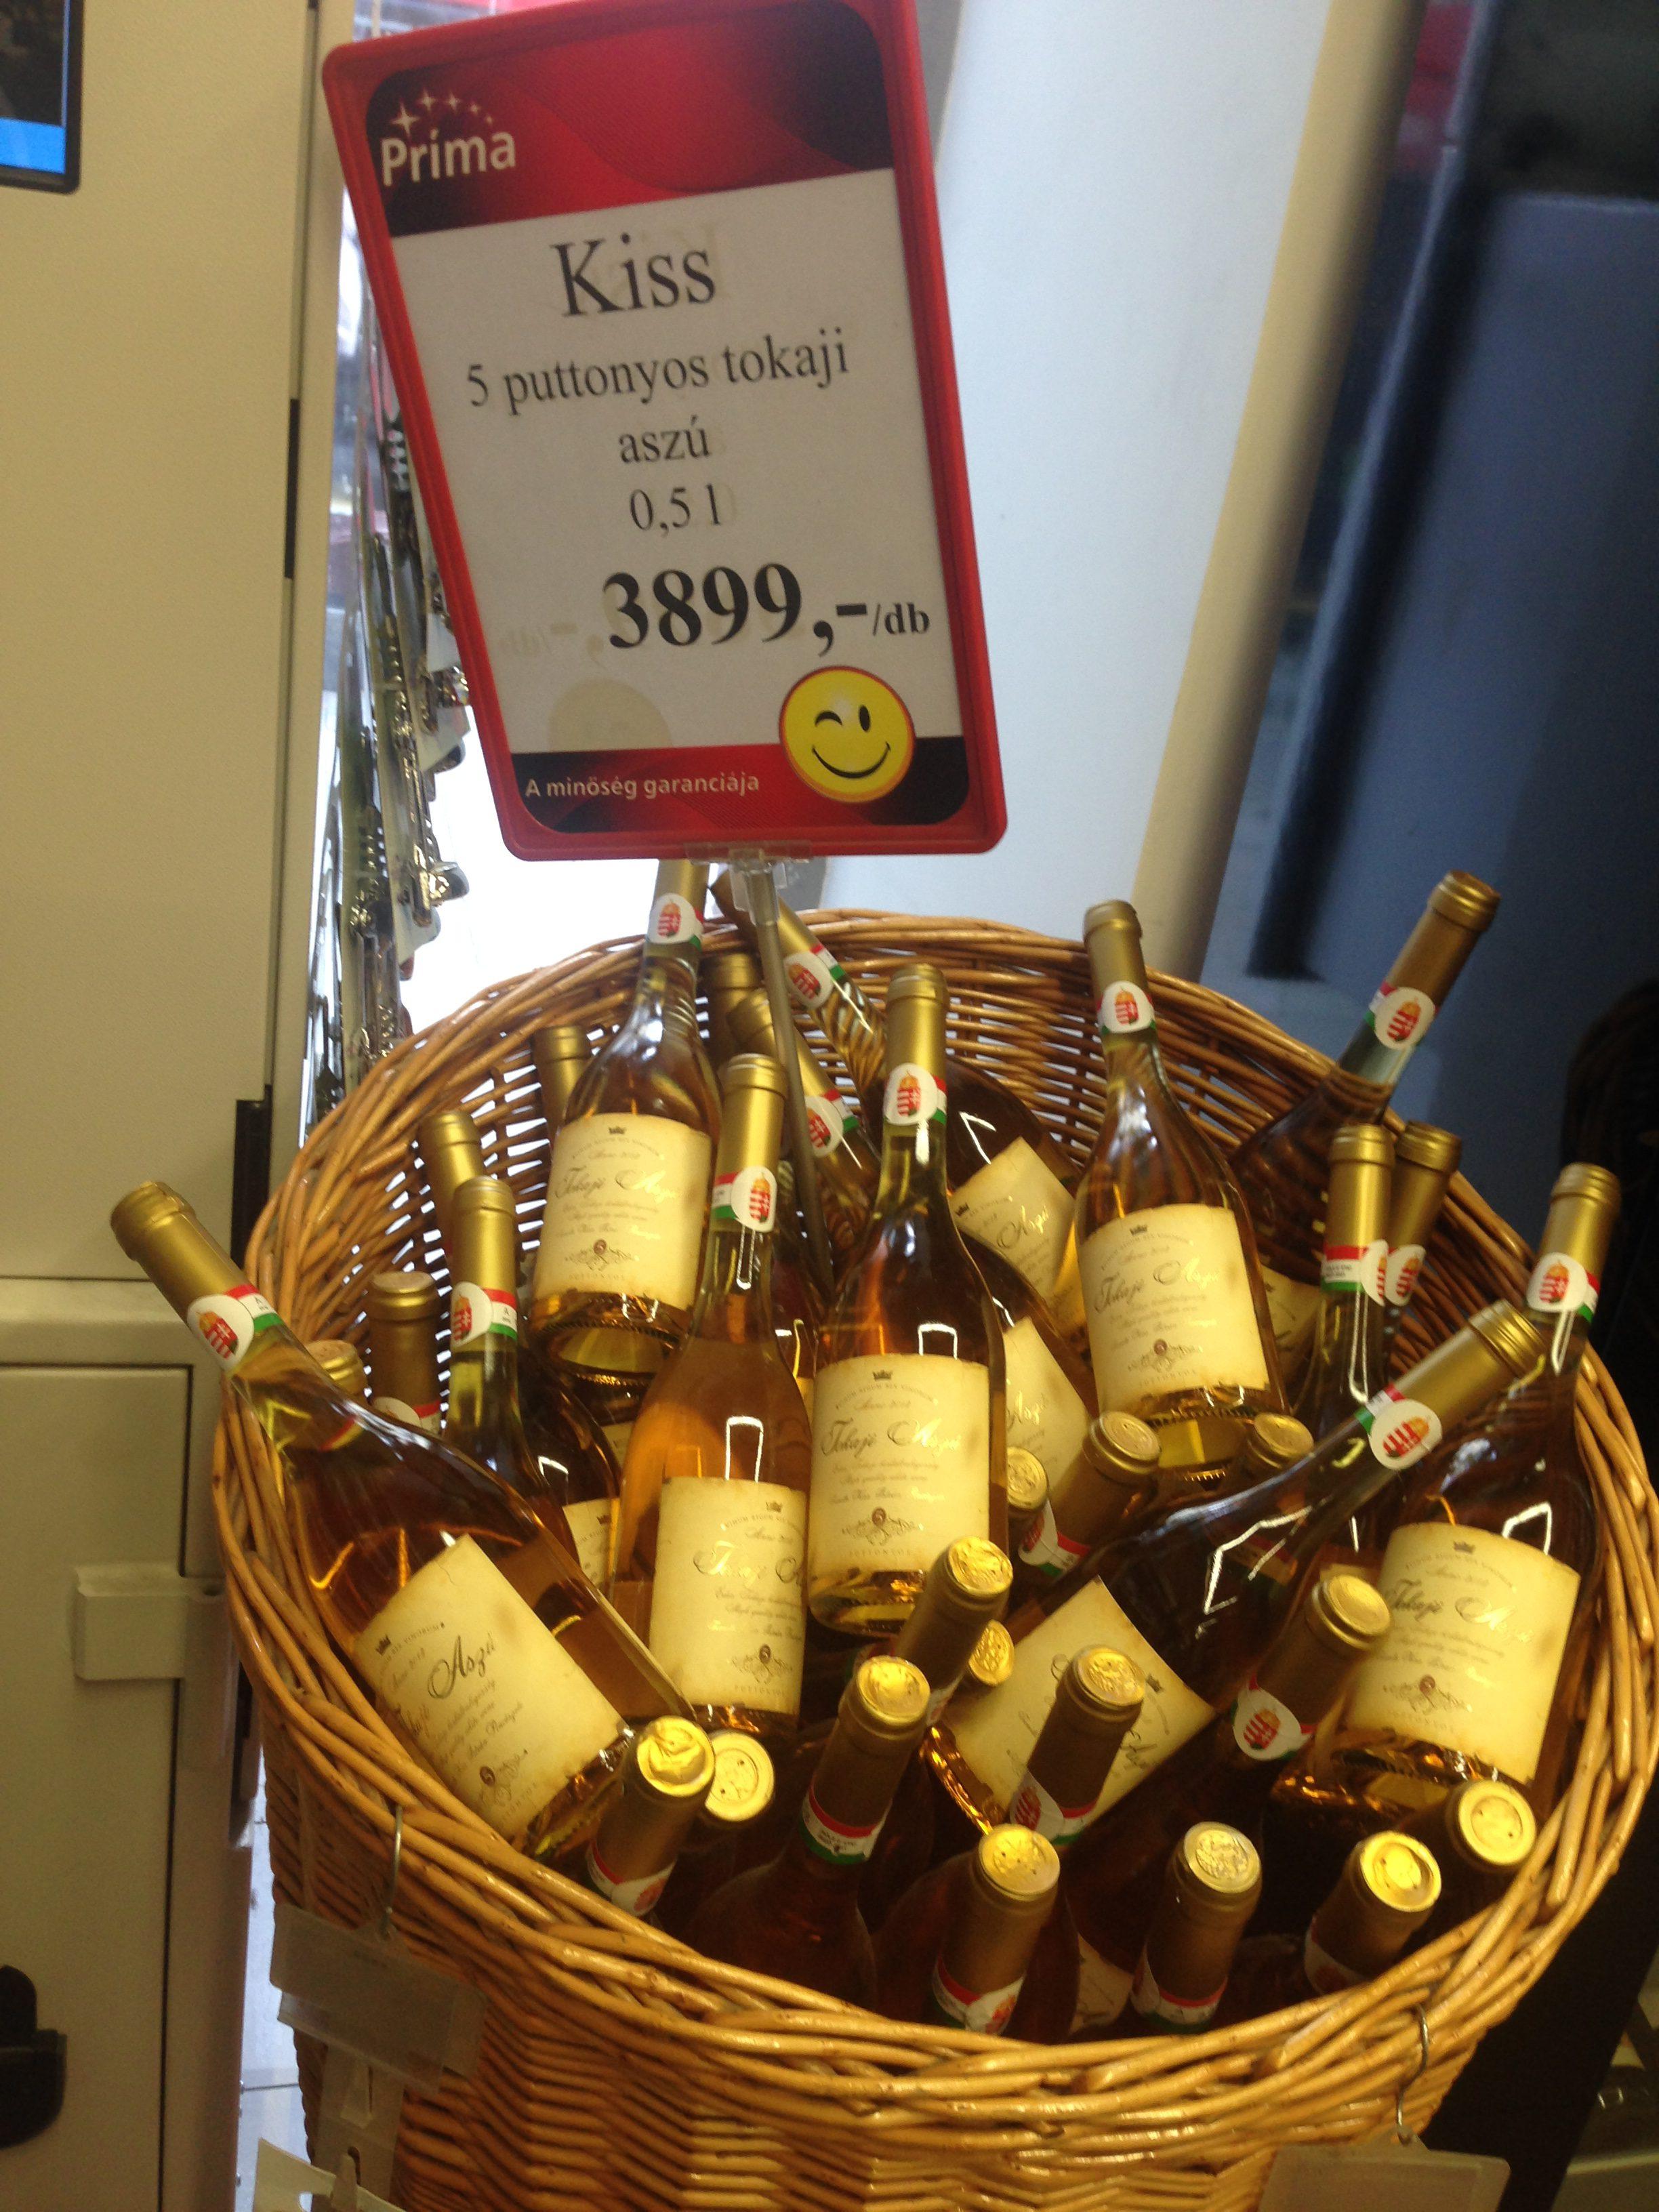 スーパーで販売されていたトカイワイン